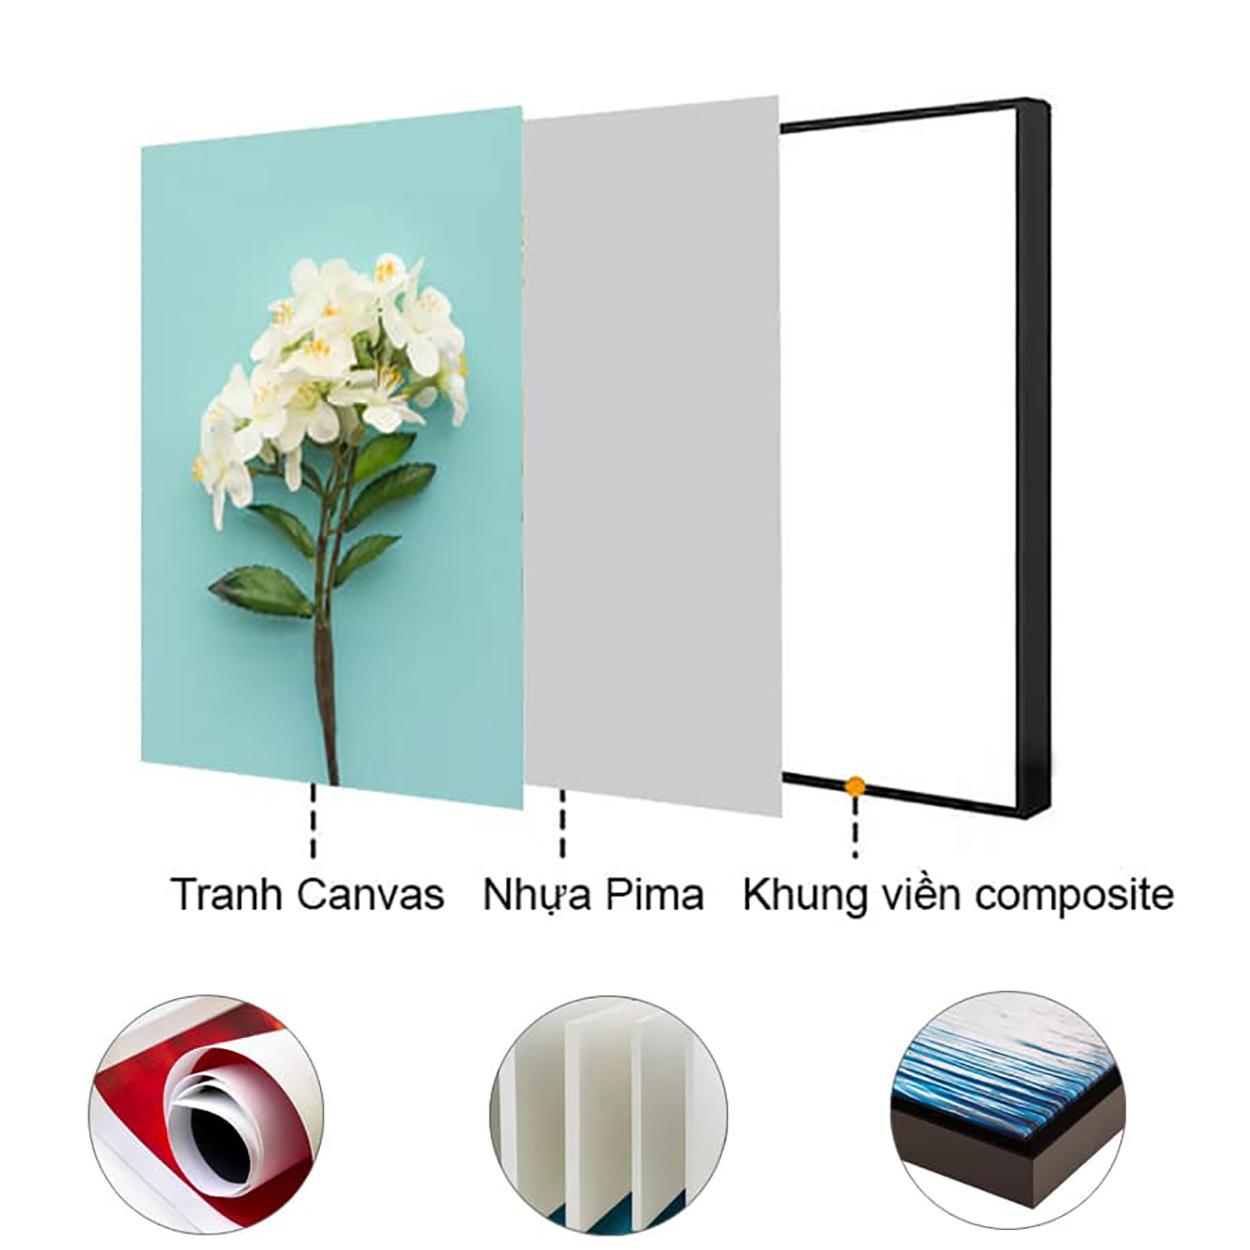 Tranh treo tường – Tranh spa room CC169 - Vải canvas kim tuyến  cán PiMa - công nghệ in UV hiện đại - Khung viền composite - độ bền màu trên 10 năm.